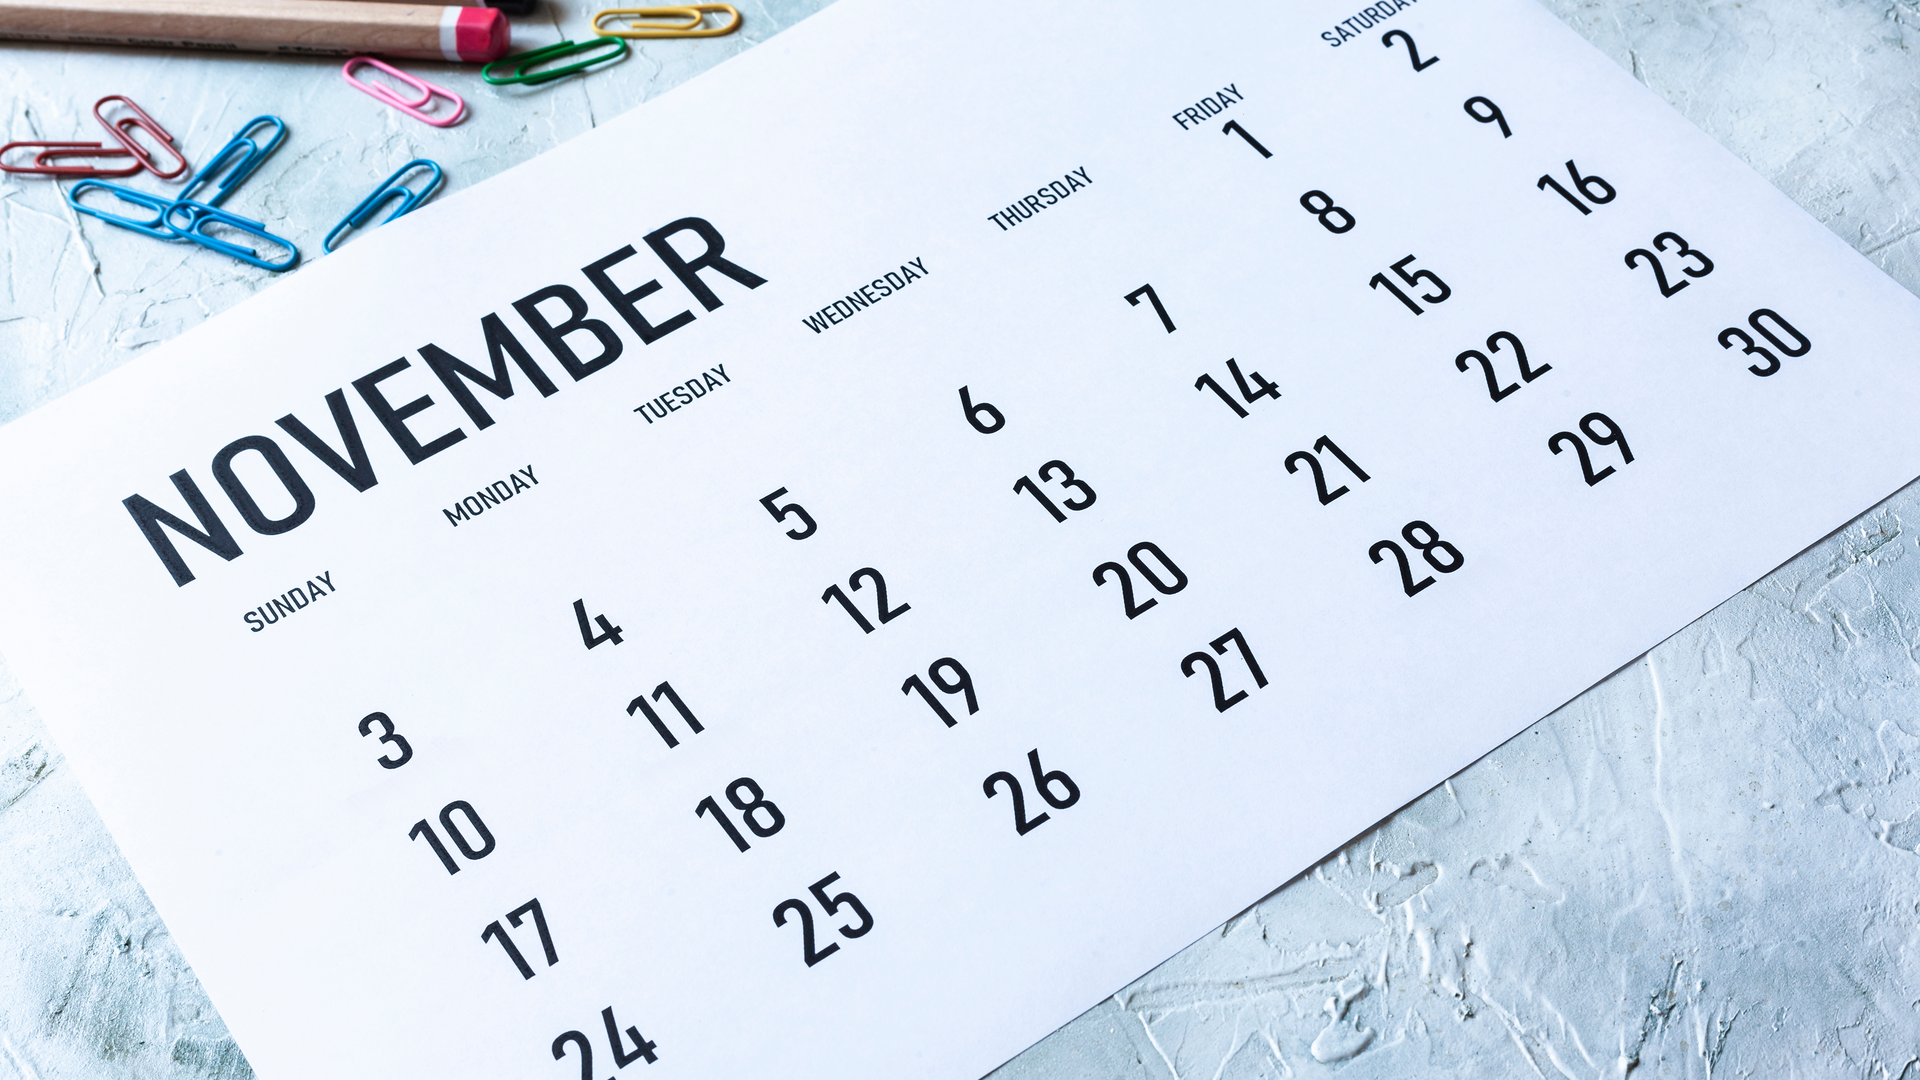 <i>Descontos o mês todo. Shutterstock.</i>